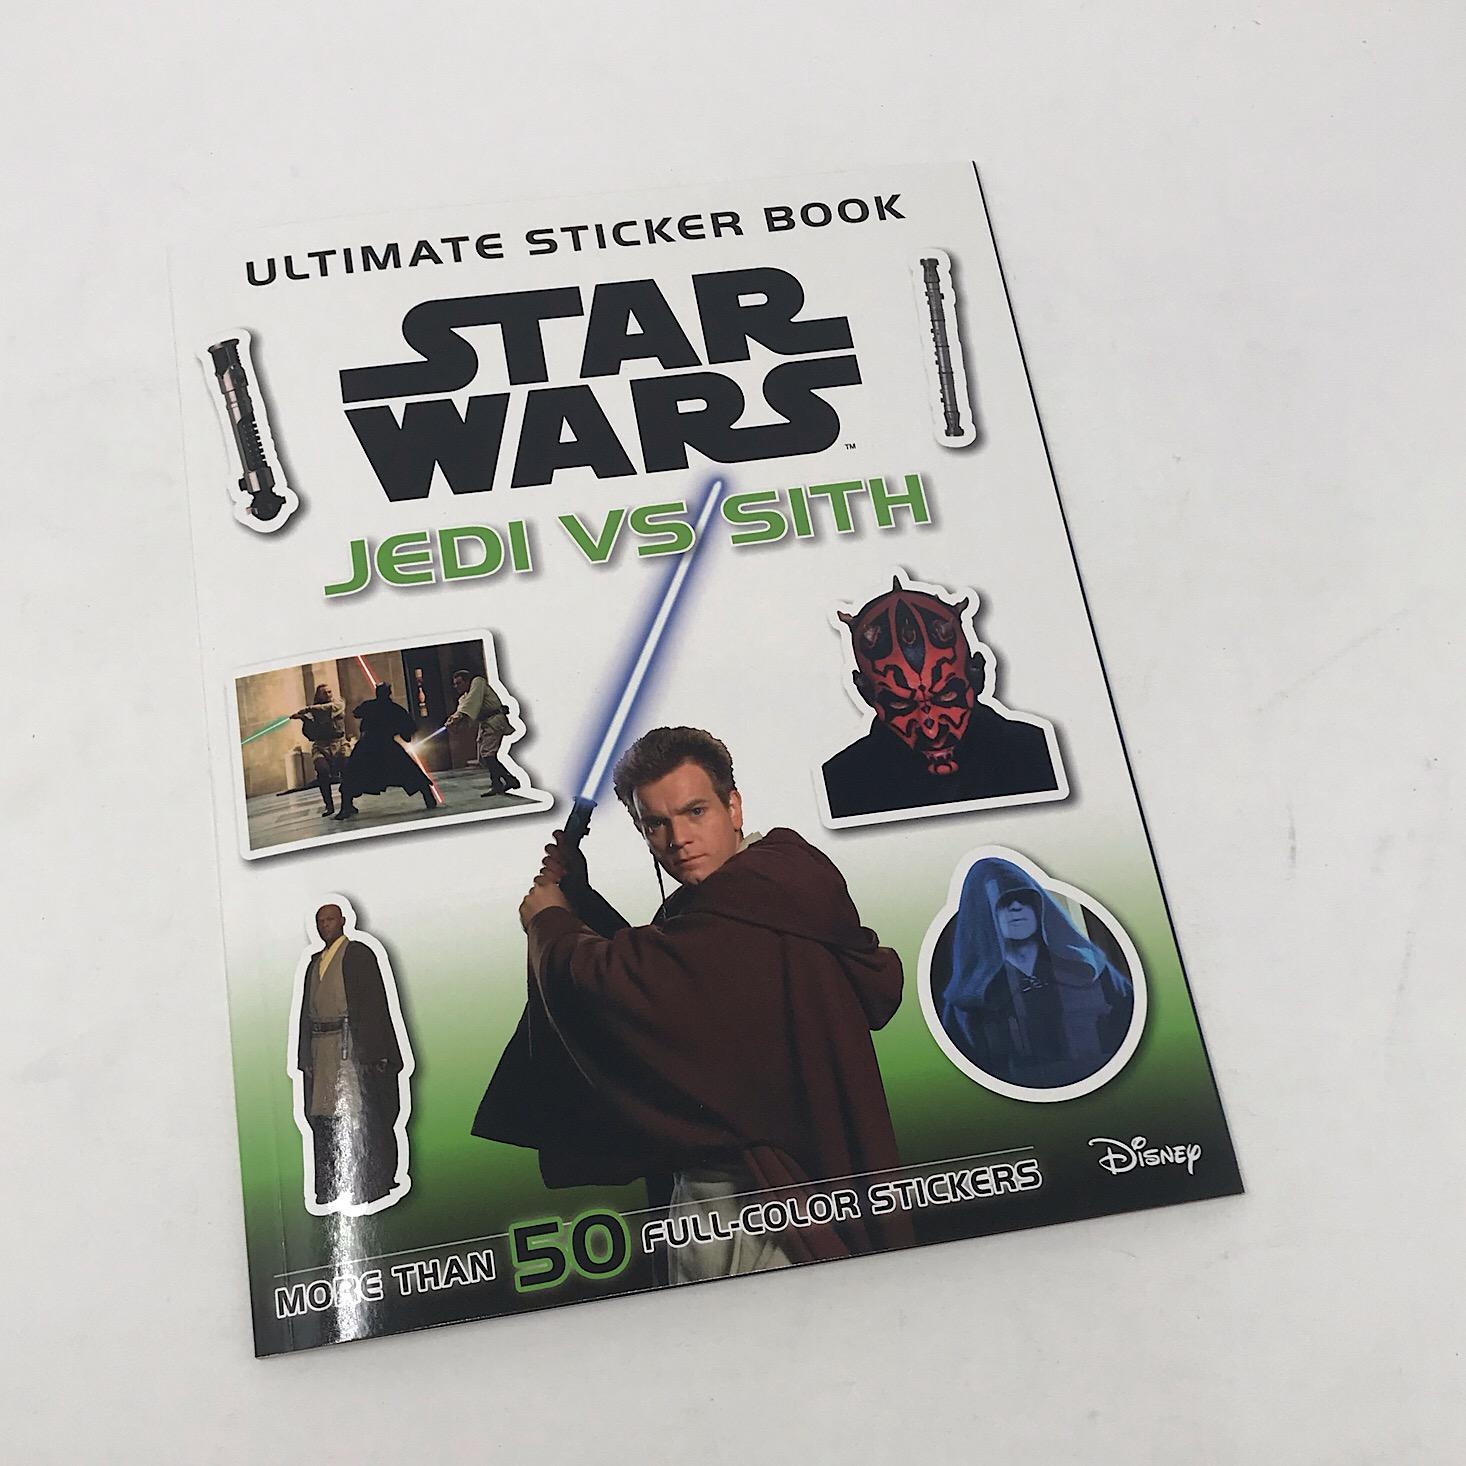 Star Wars Ultimate Sticker Book: Jedi vs. Sith